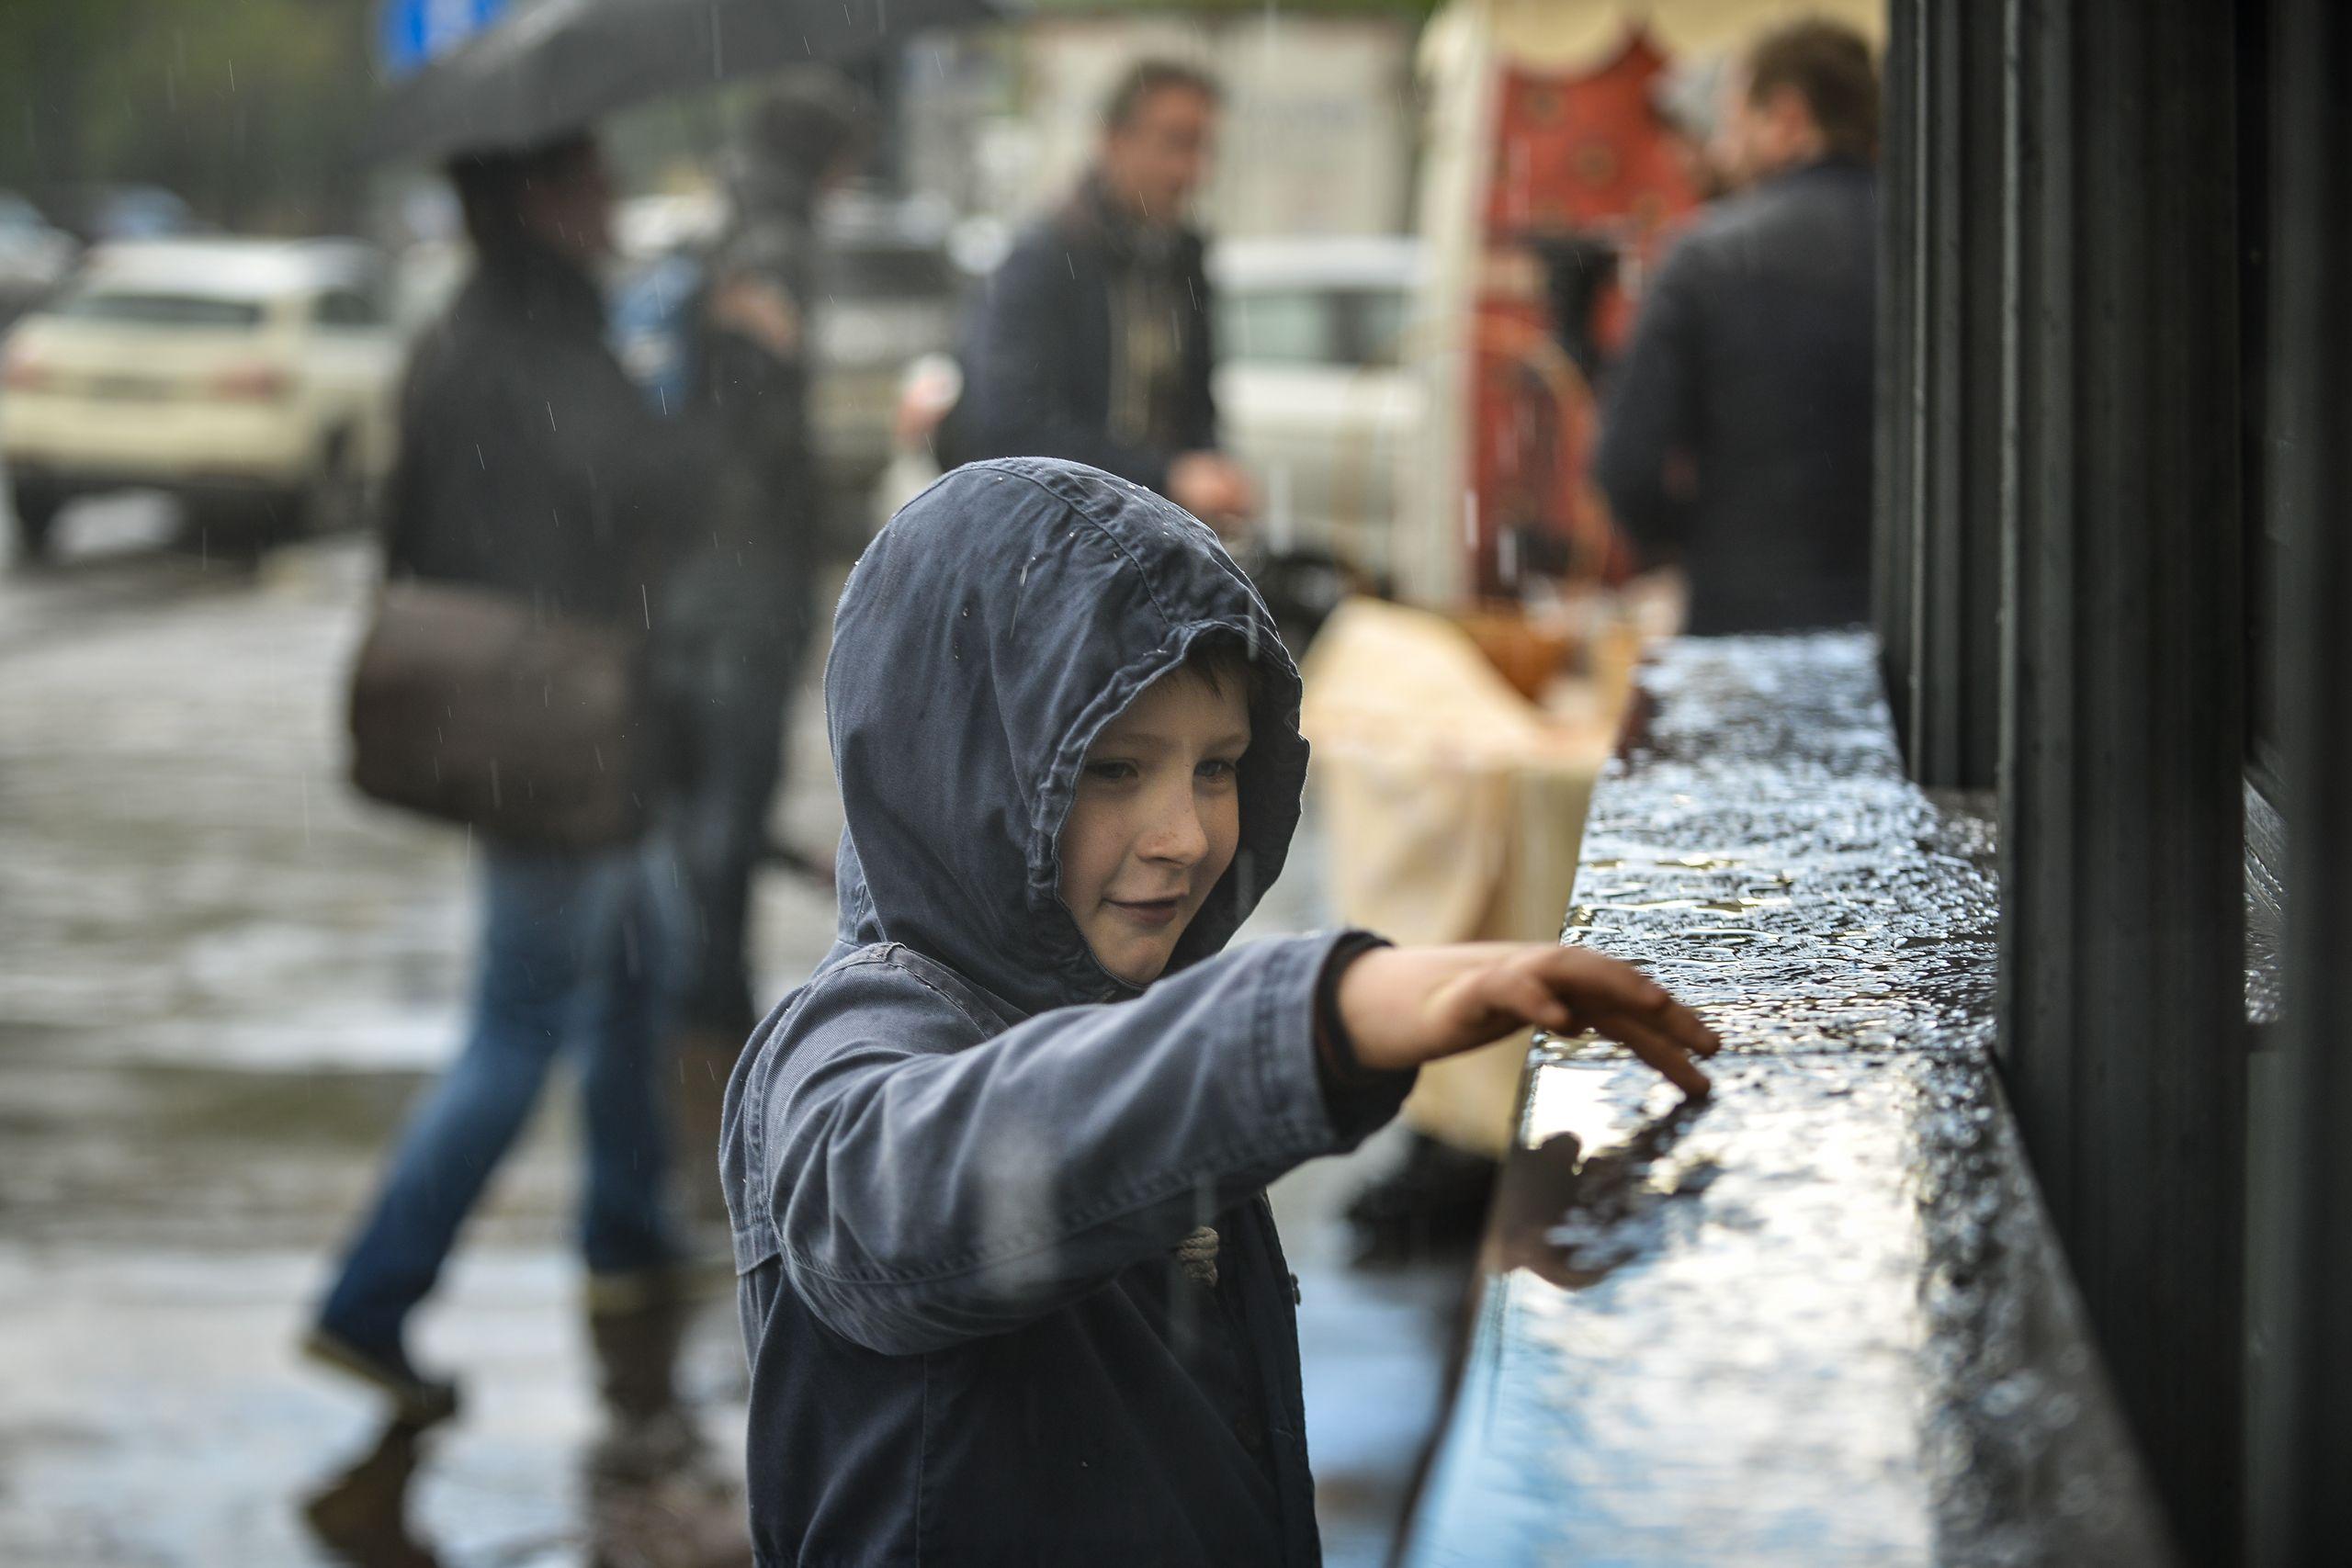 МЧС объявило тревогу из-за града и шквала в Москве